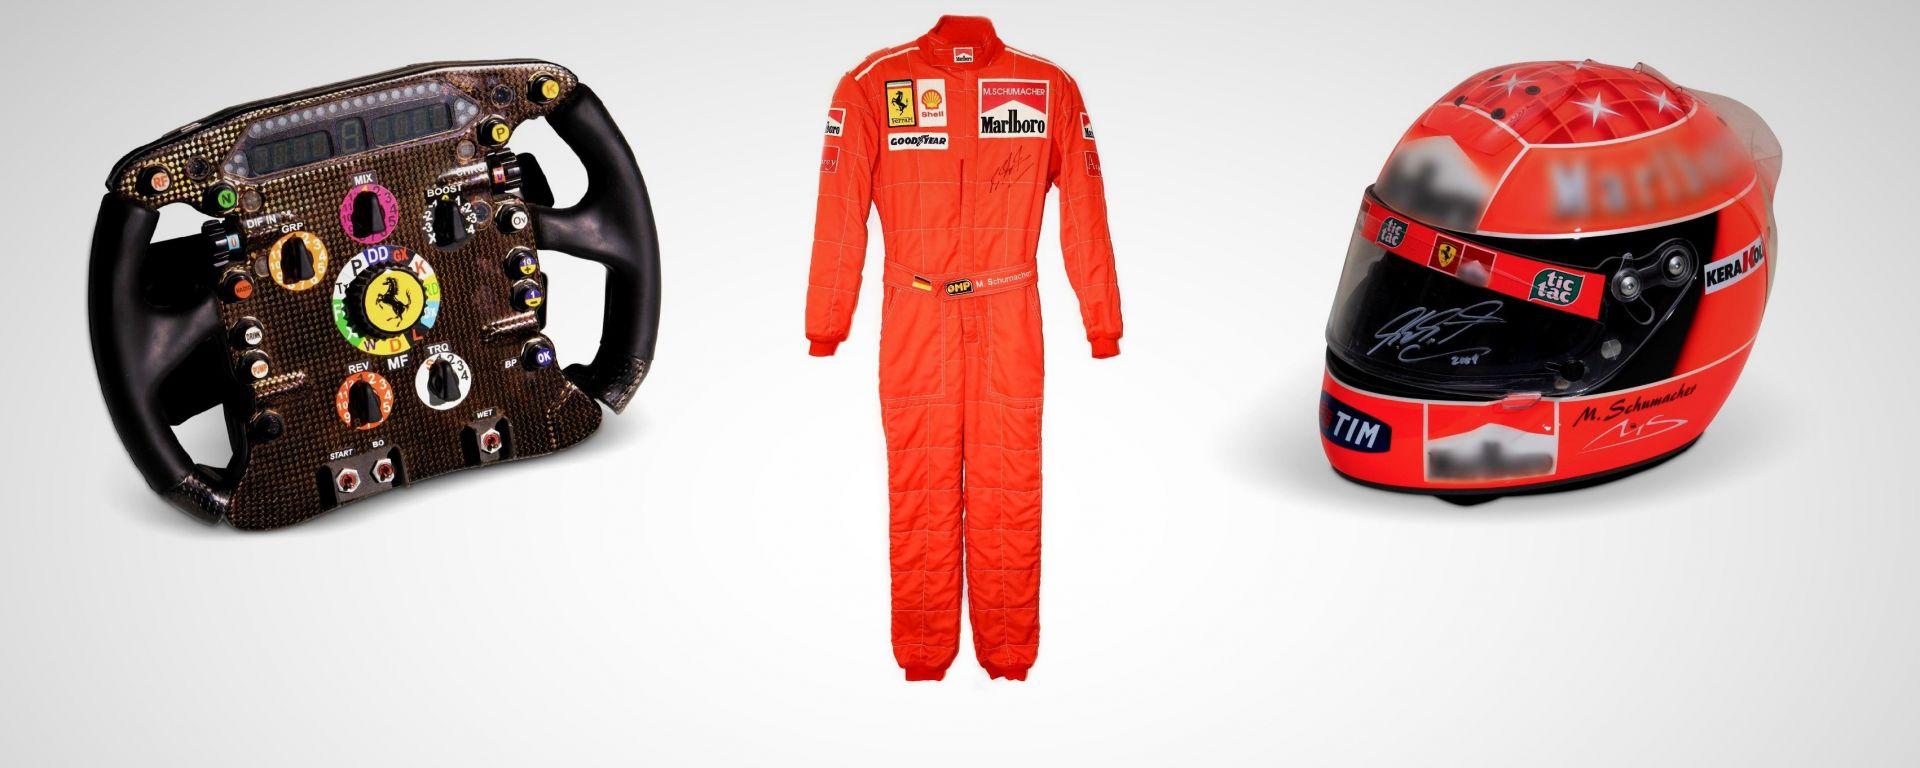 Il volante della Ferrari F10, la tuta e il casco di Schumi: all'asta online Memorabilia Formula 1